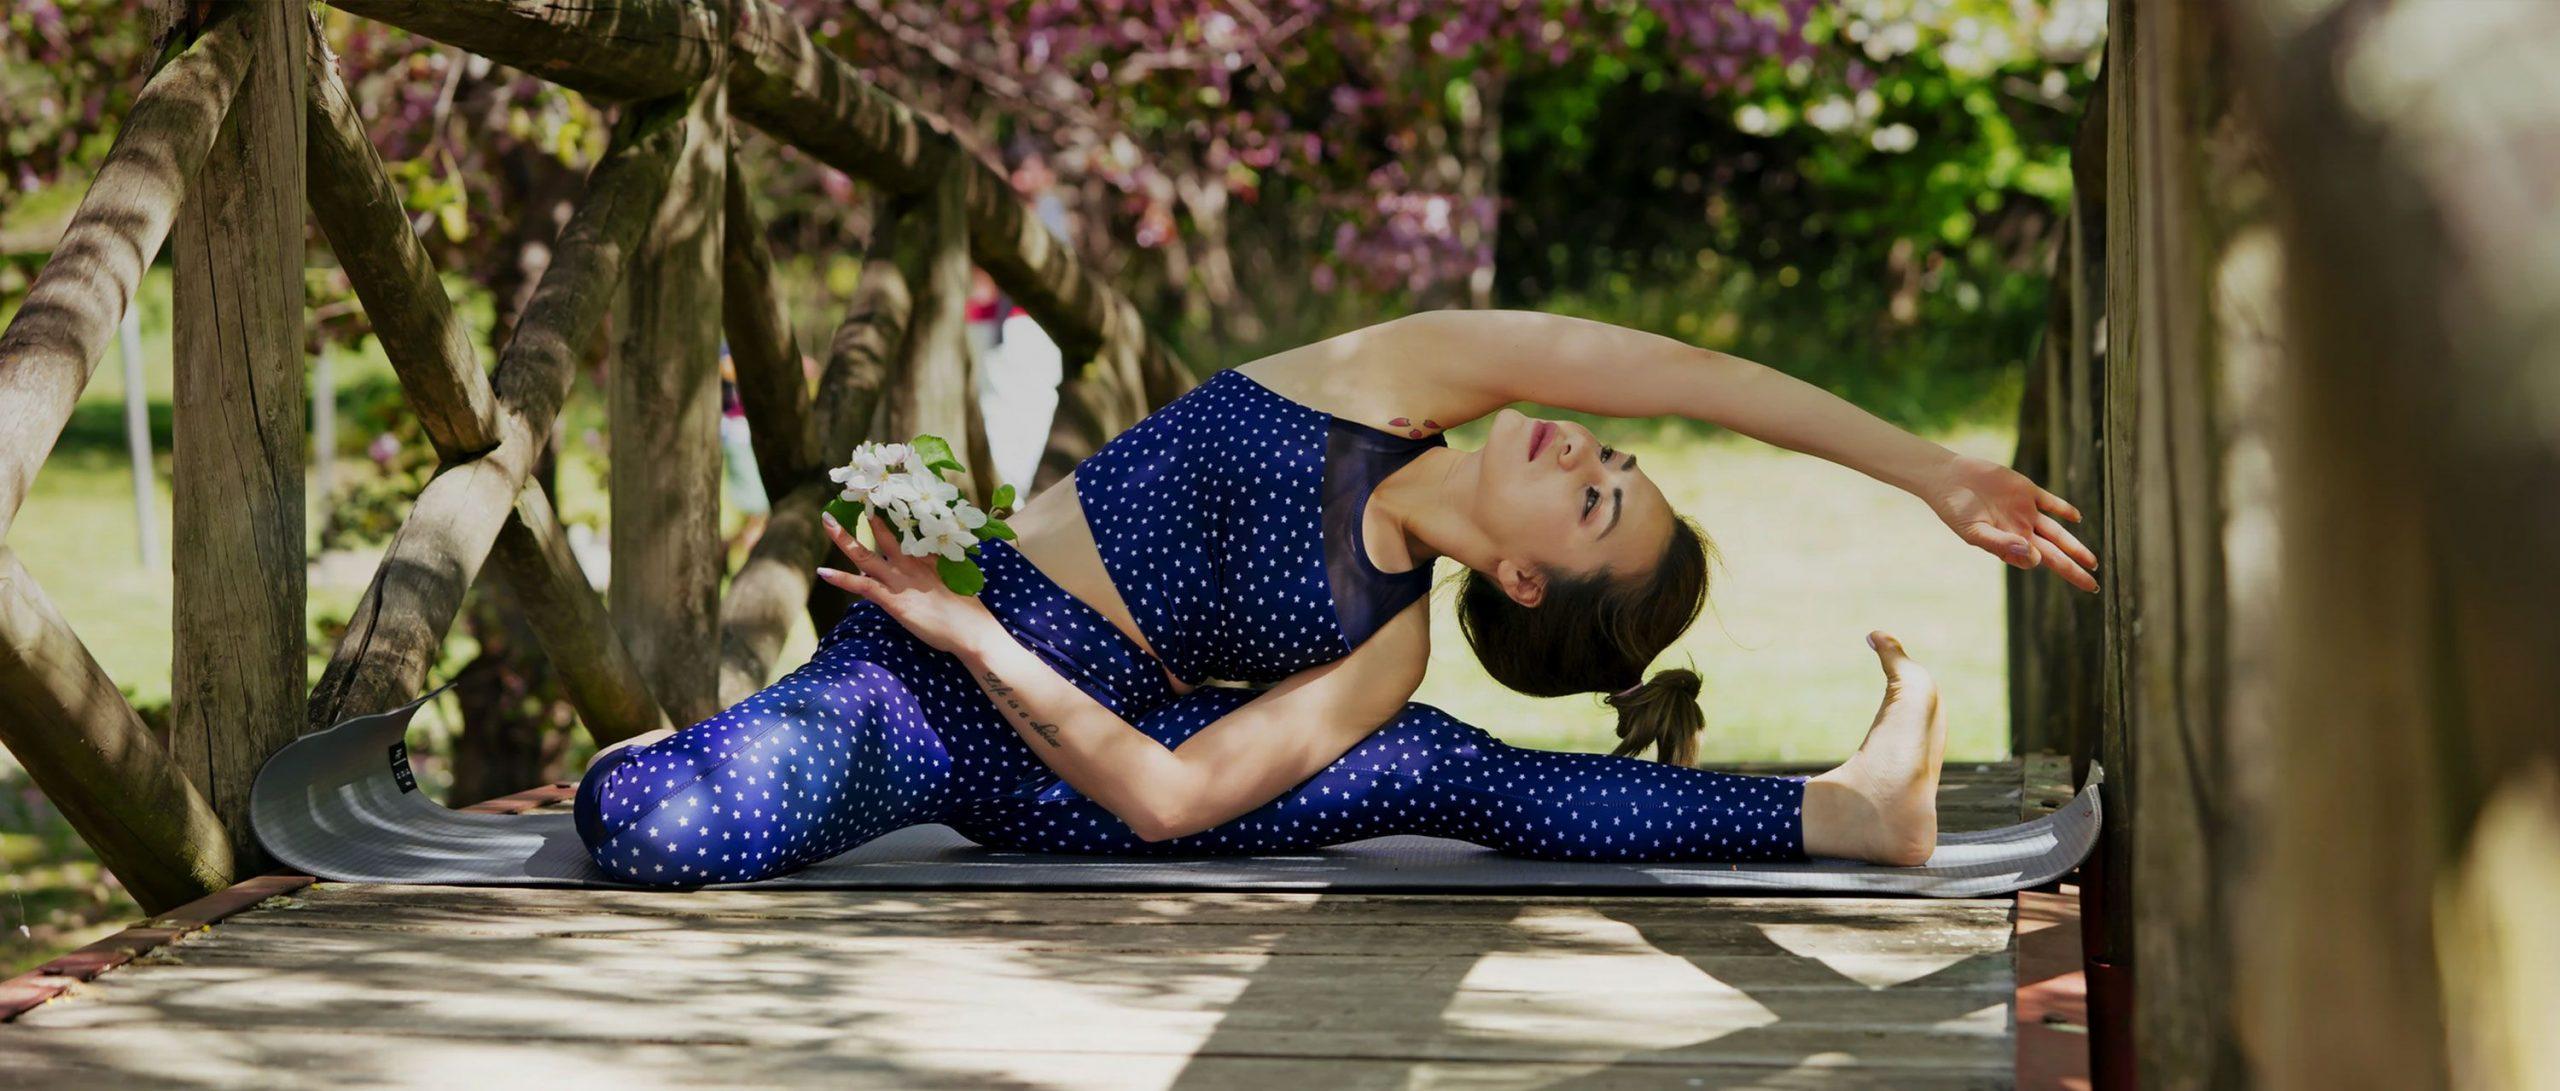 Corso Yoga Cinisello